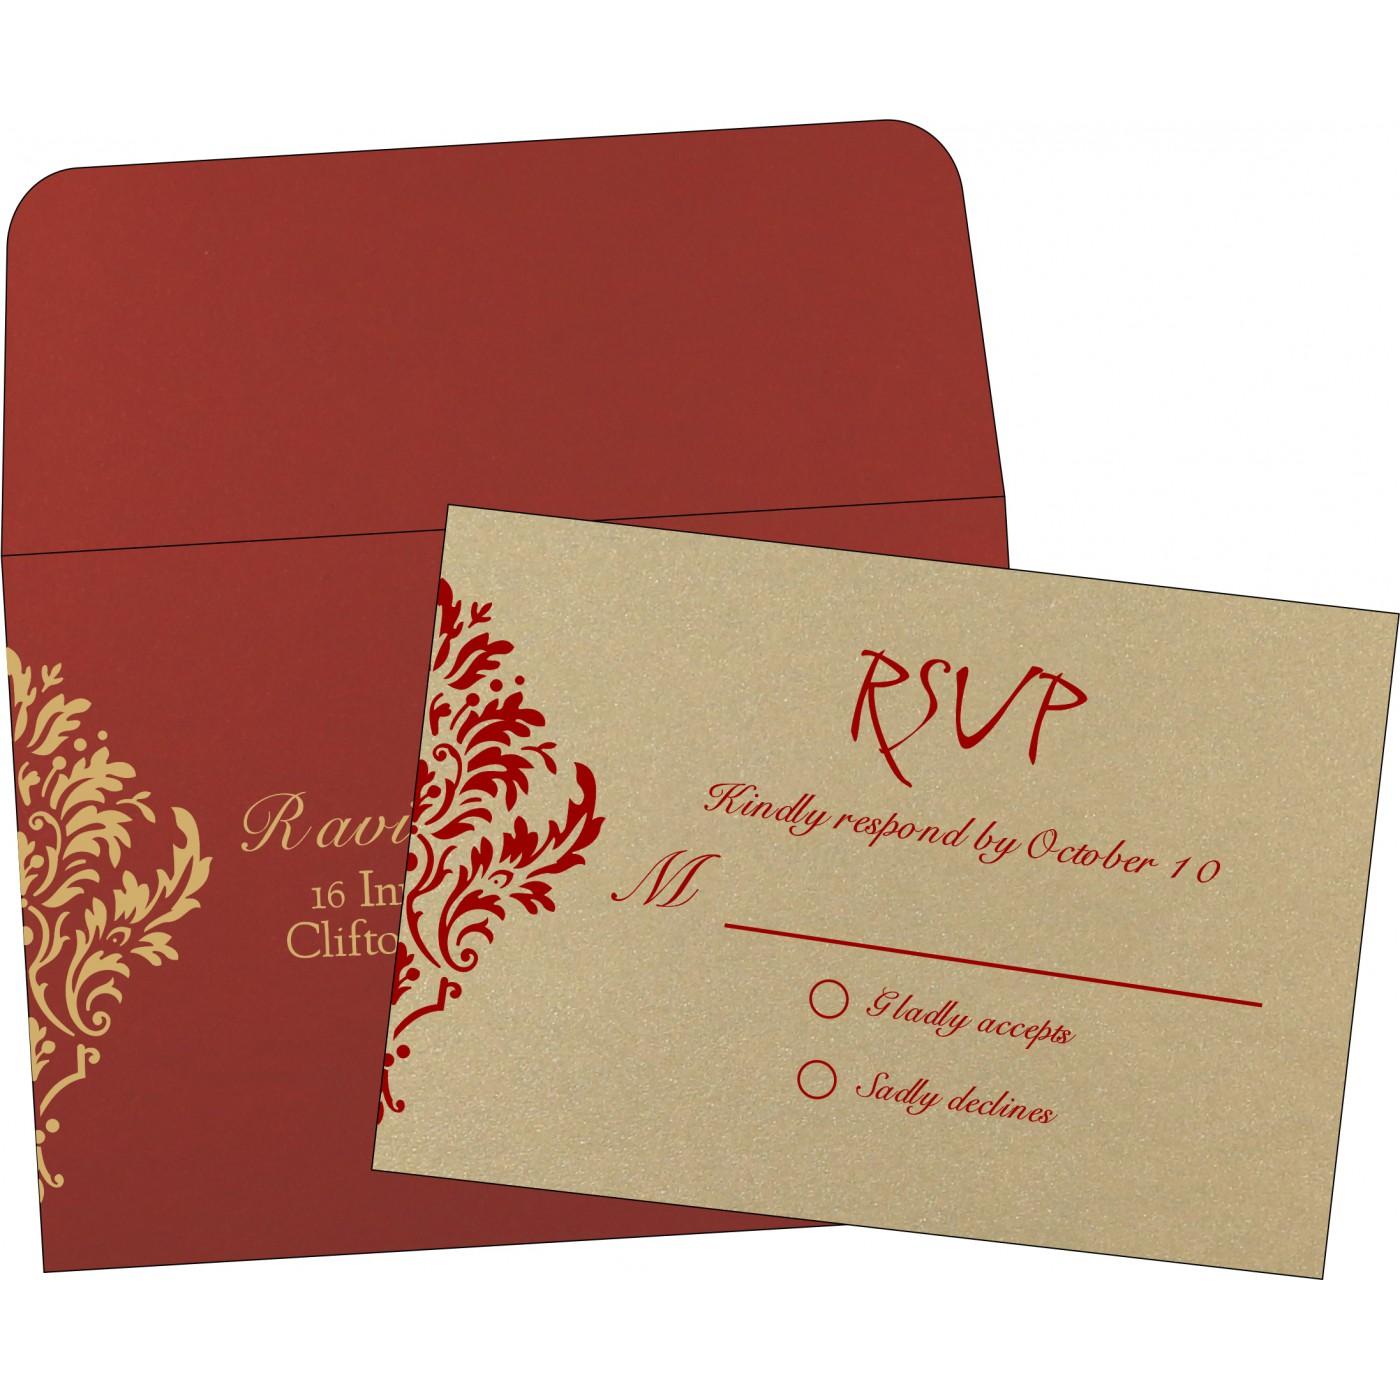 RSVP Cards : RSVP-1494 - 123WeddingCards